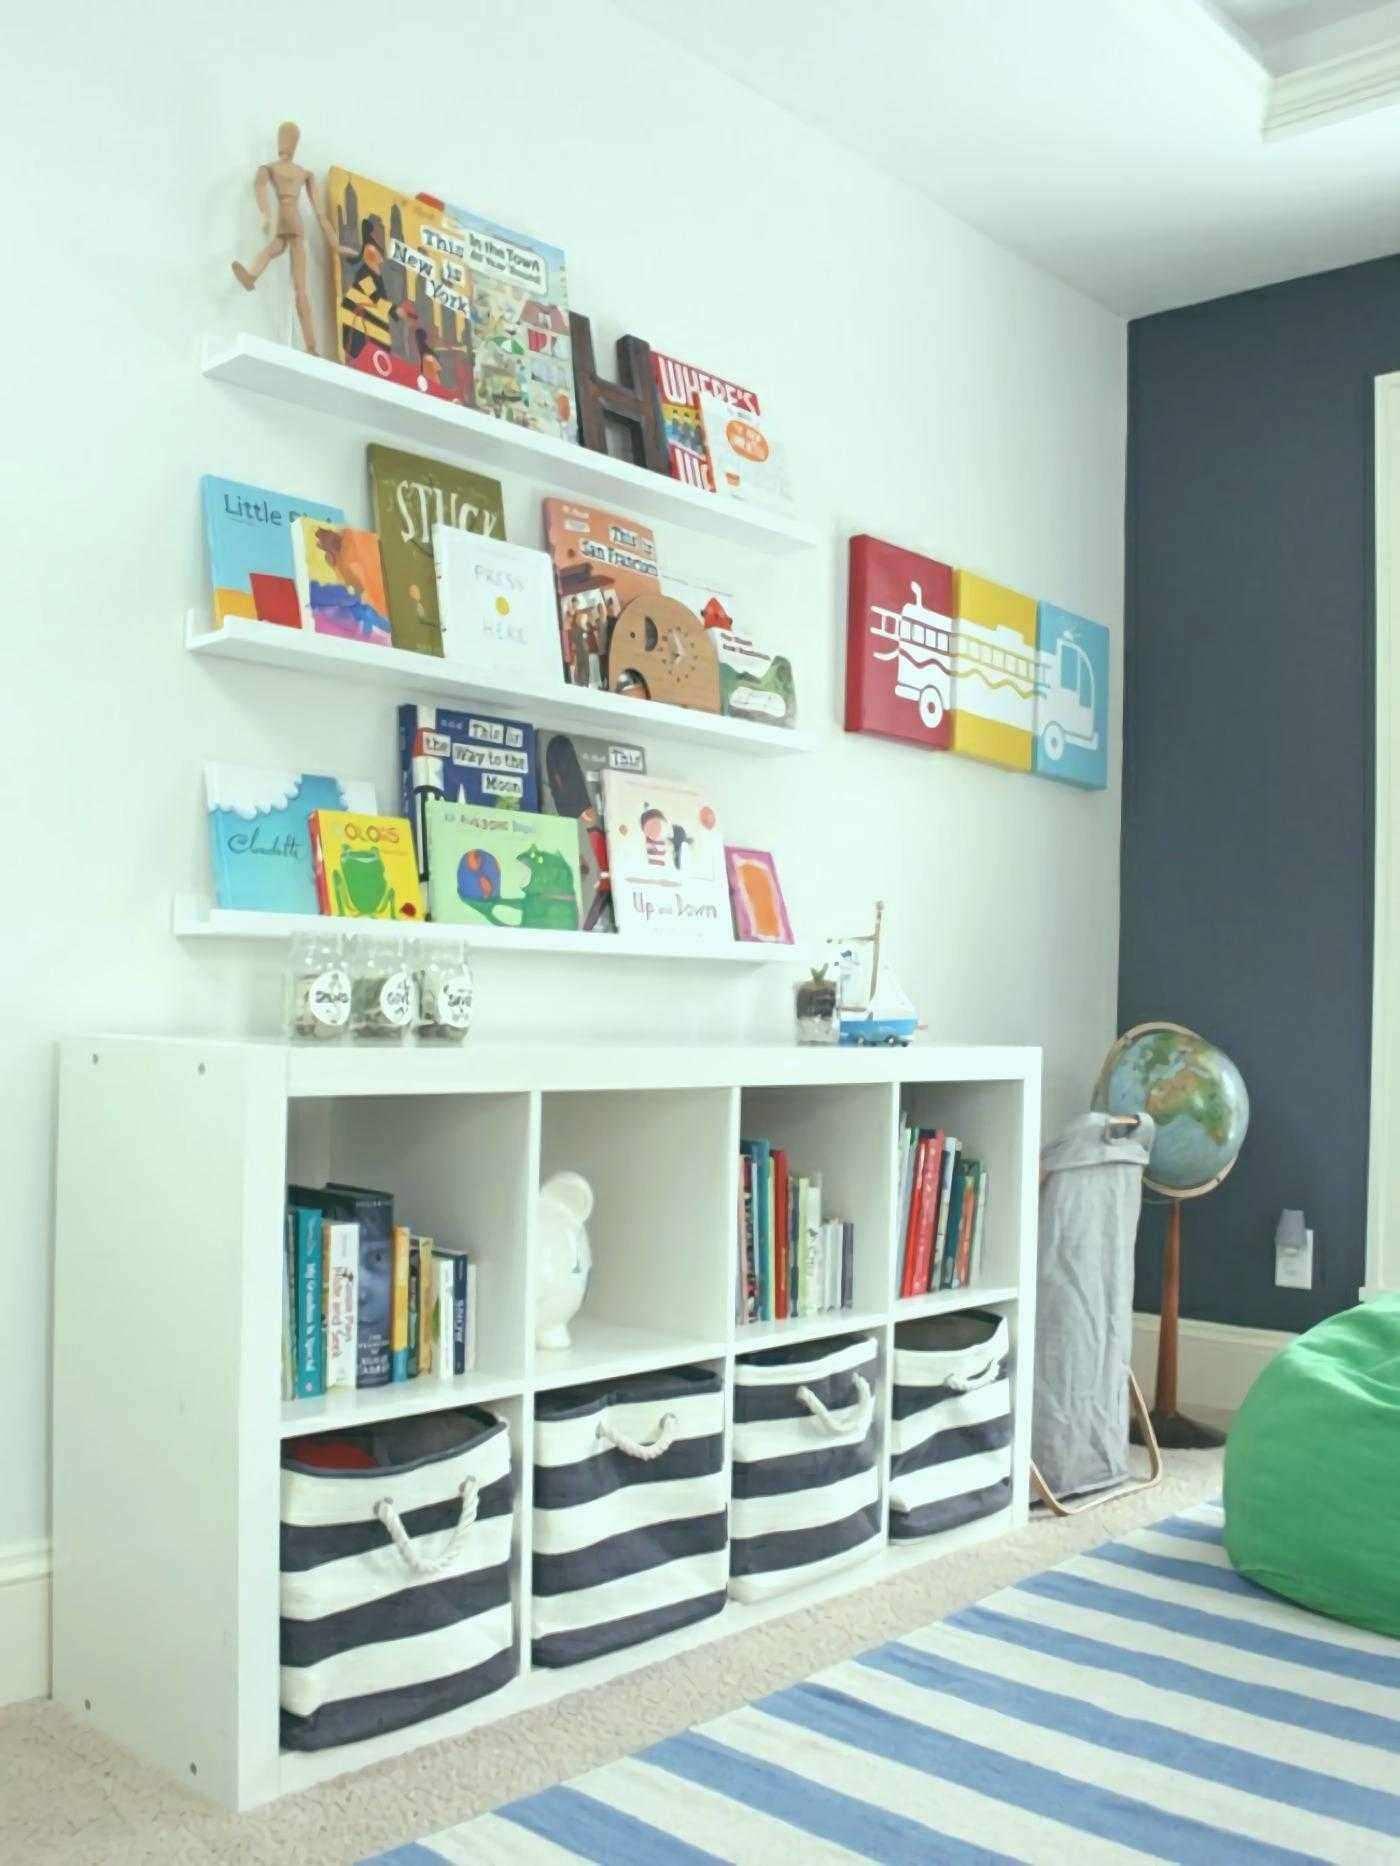 Full Size of Jungen Kinderzimmer Junge Deko Ideen Dekoration Gestalten Pinterest Ikea Babyzimmer Streichen Wandgestaltung Teppich Schmales Zimmer Einrichten Frisch 44 Schn Kinderzimmer Jungen Kinderzimmer